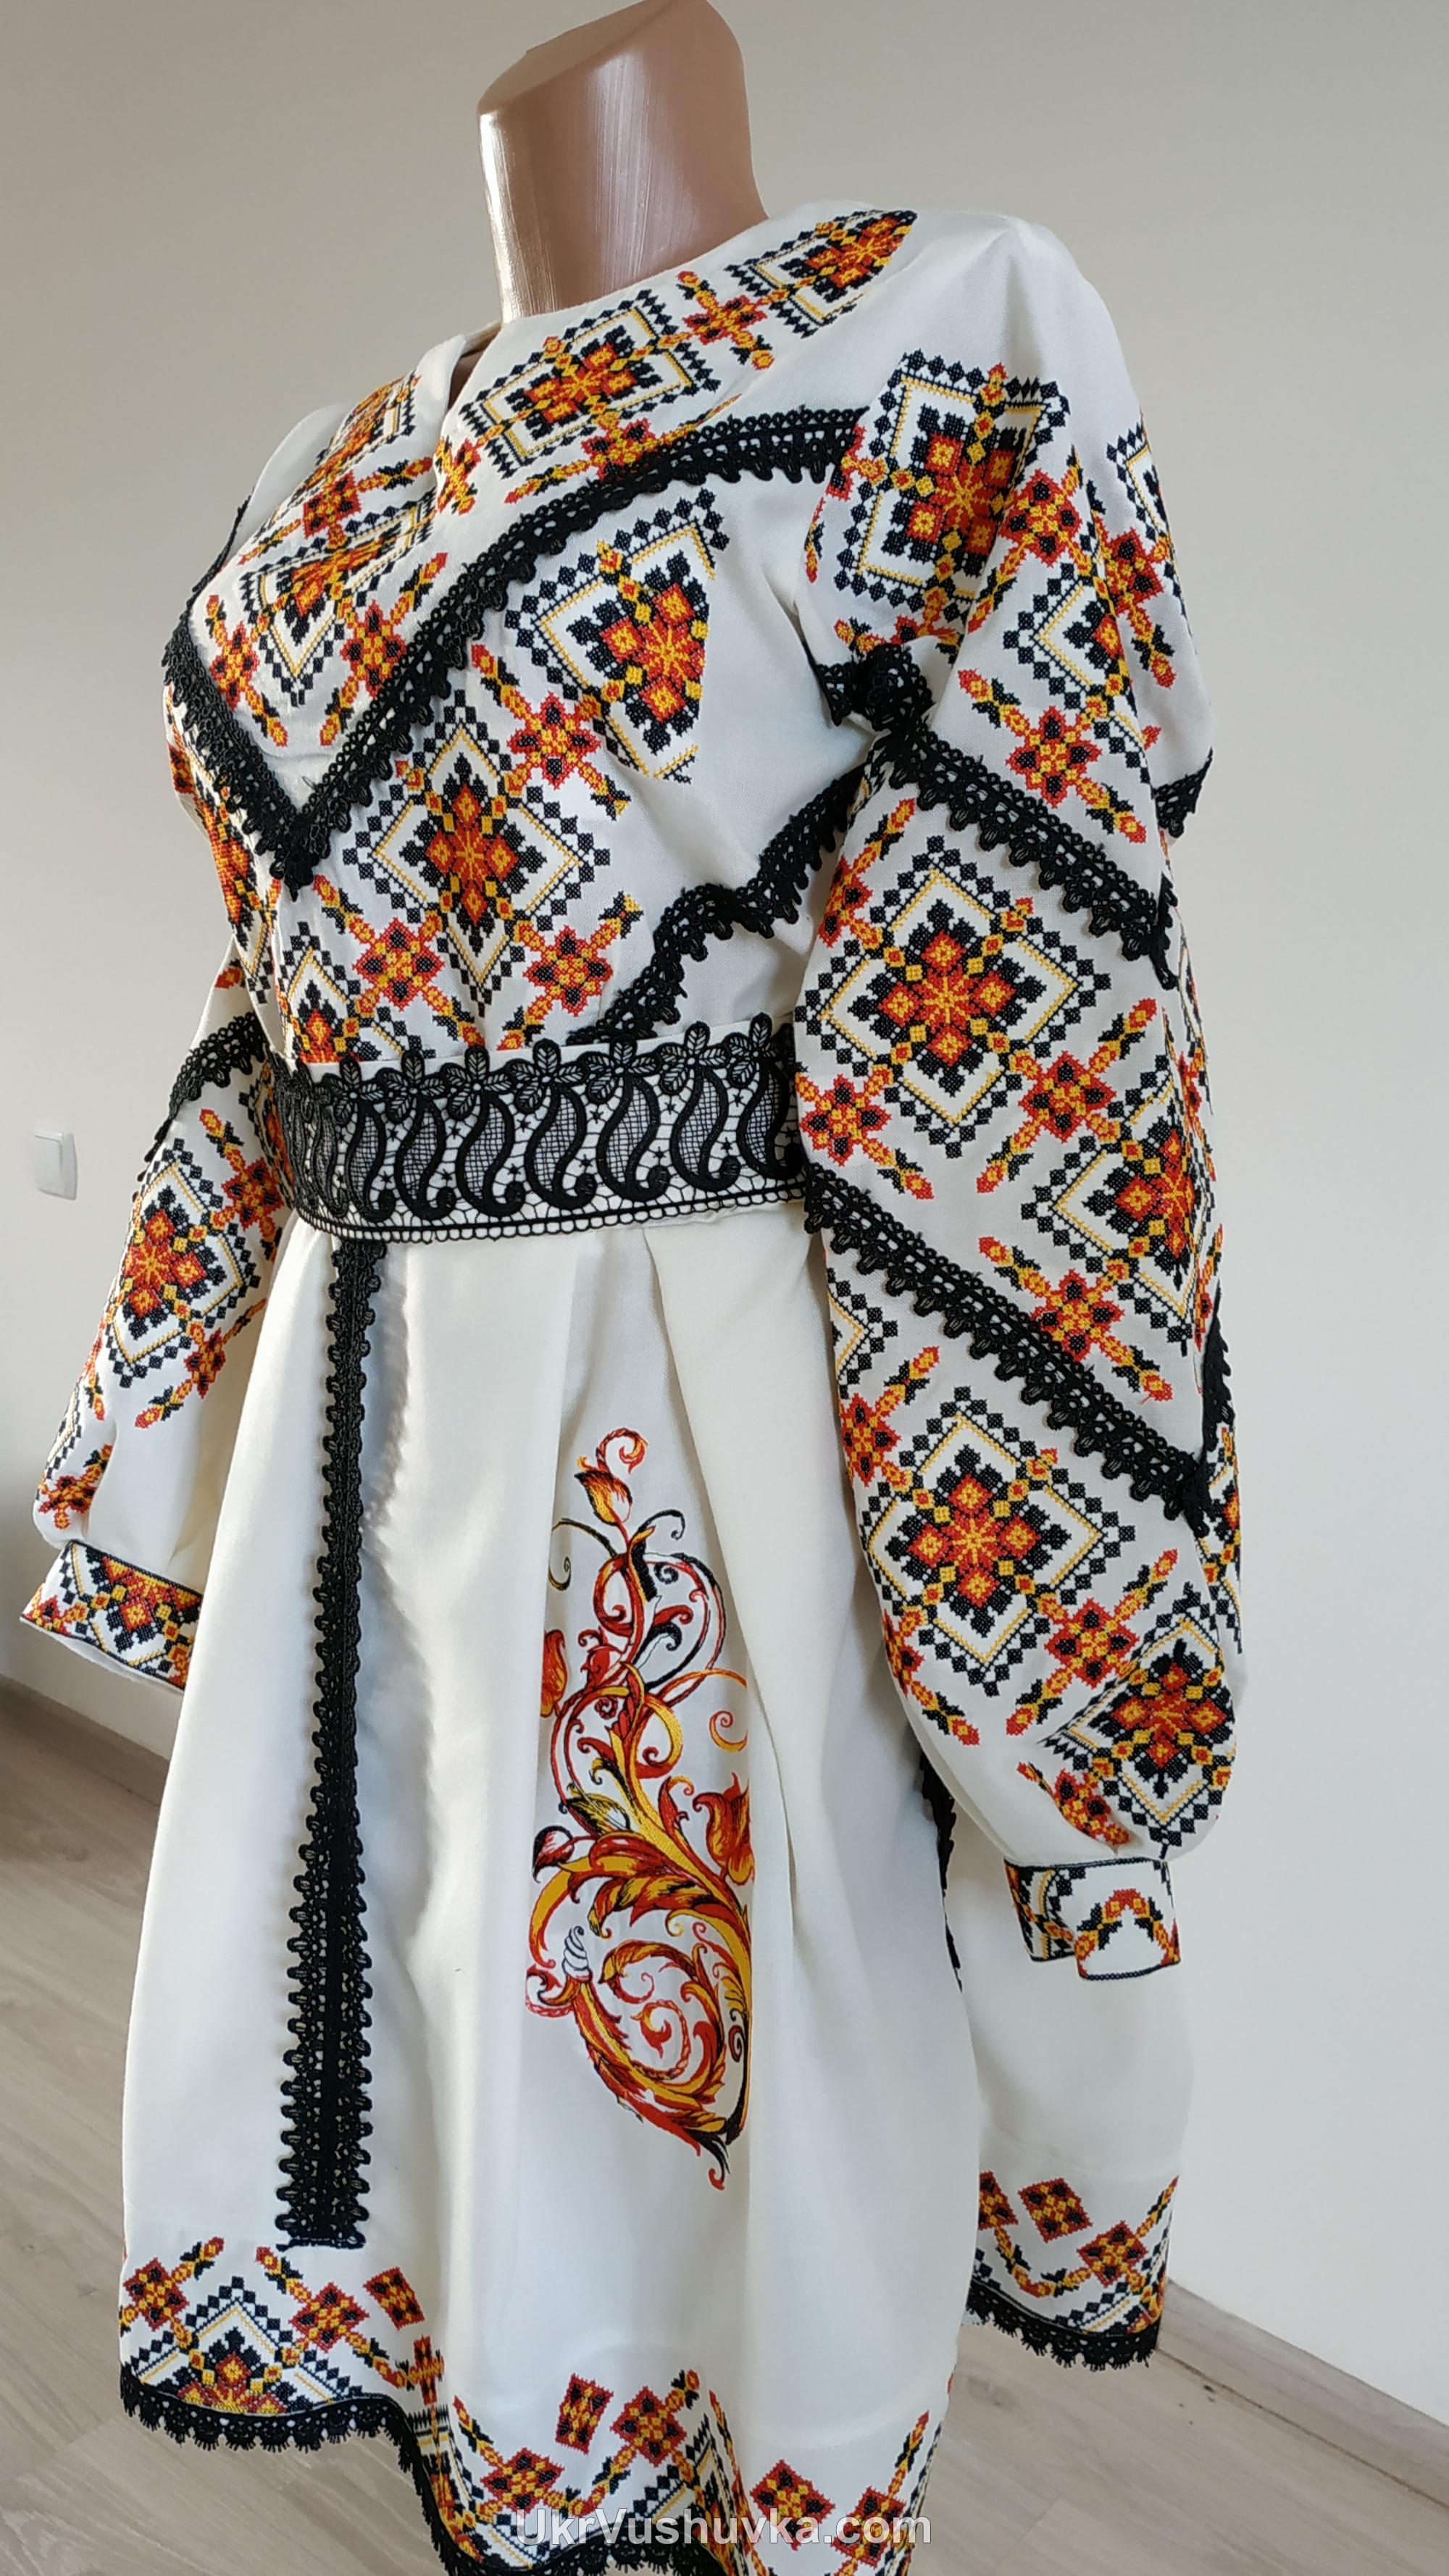 Вишита сукня (арт. 5007) • купити в Україні e776186a108db